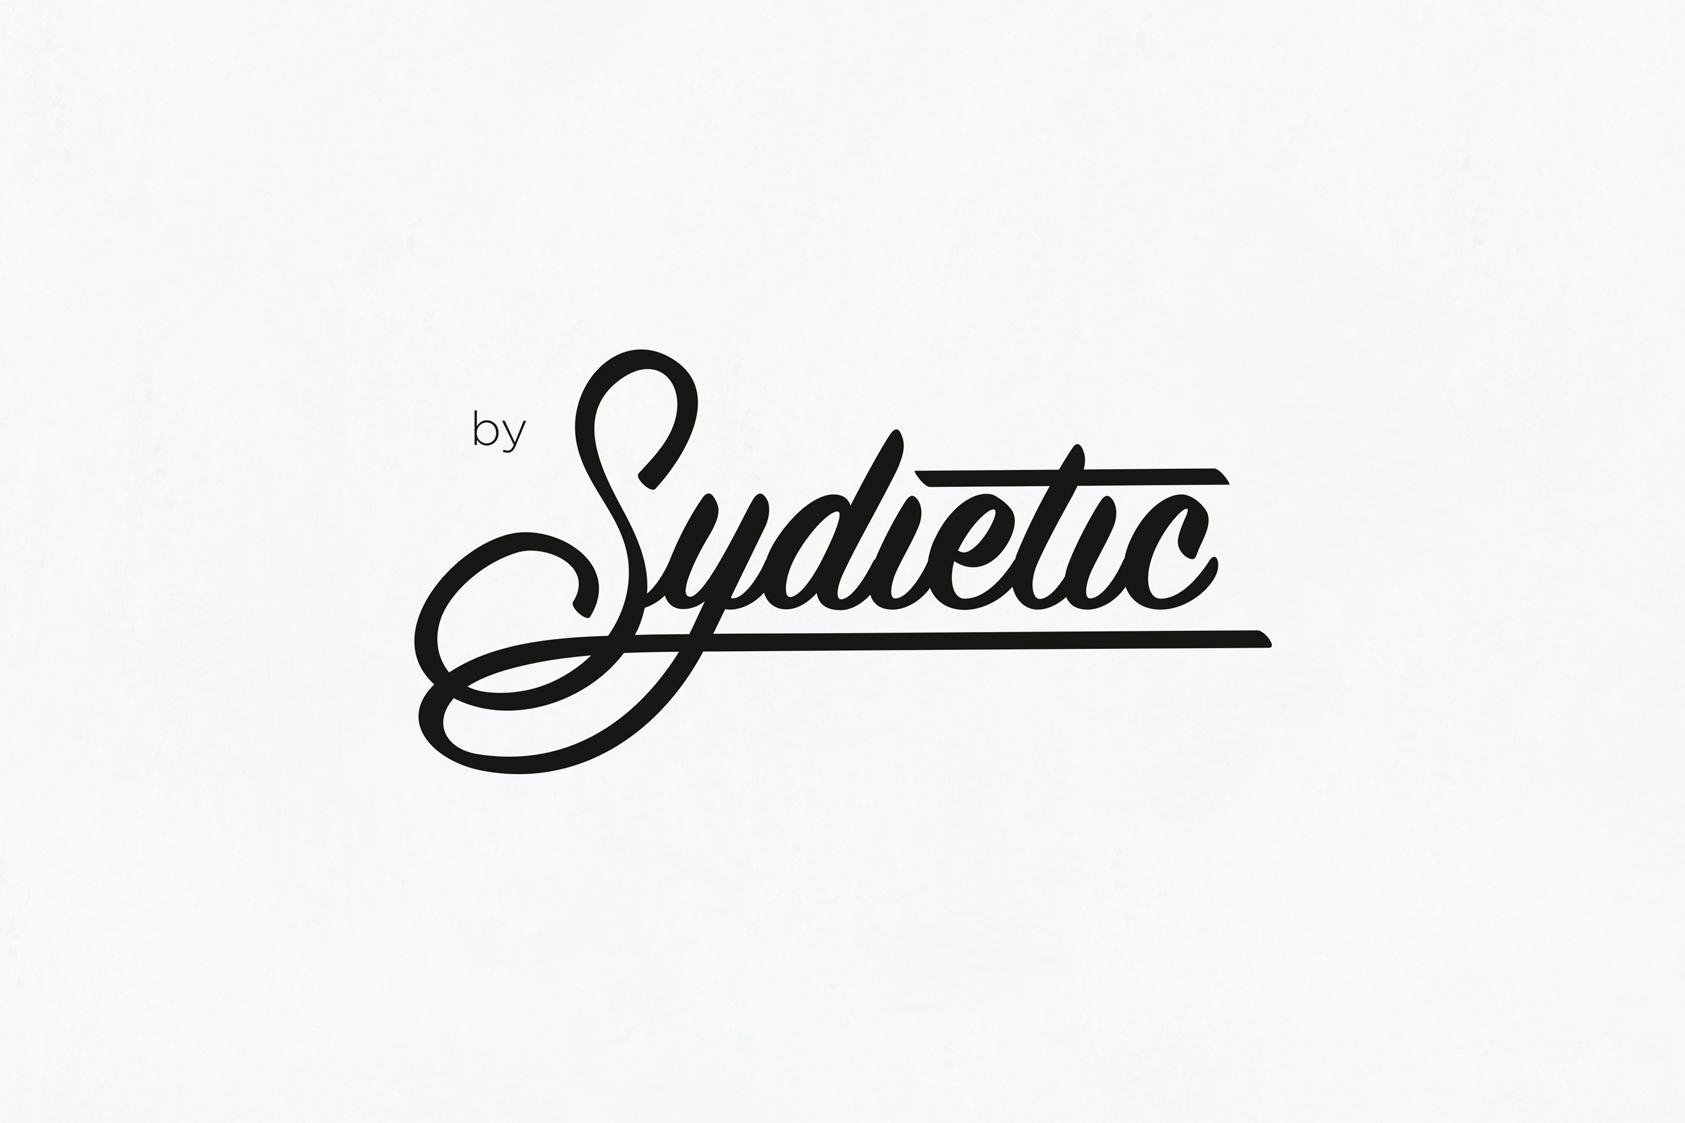 SYDIETIC